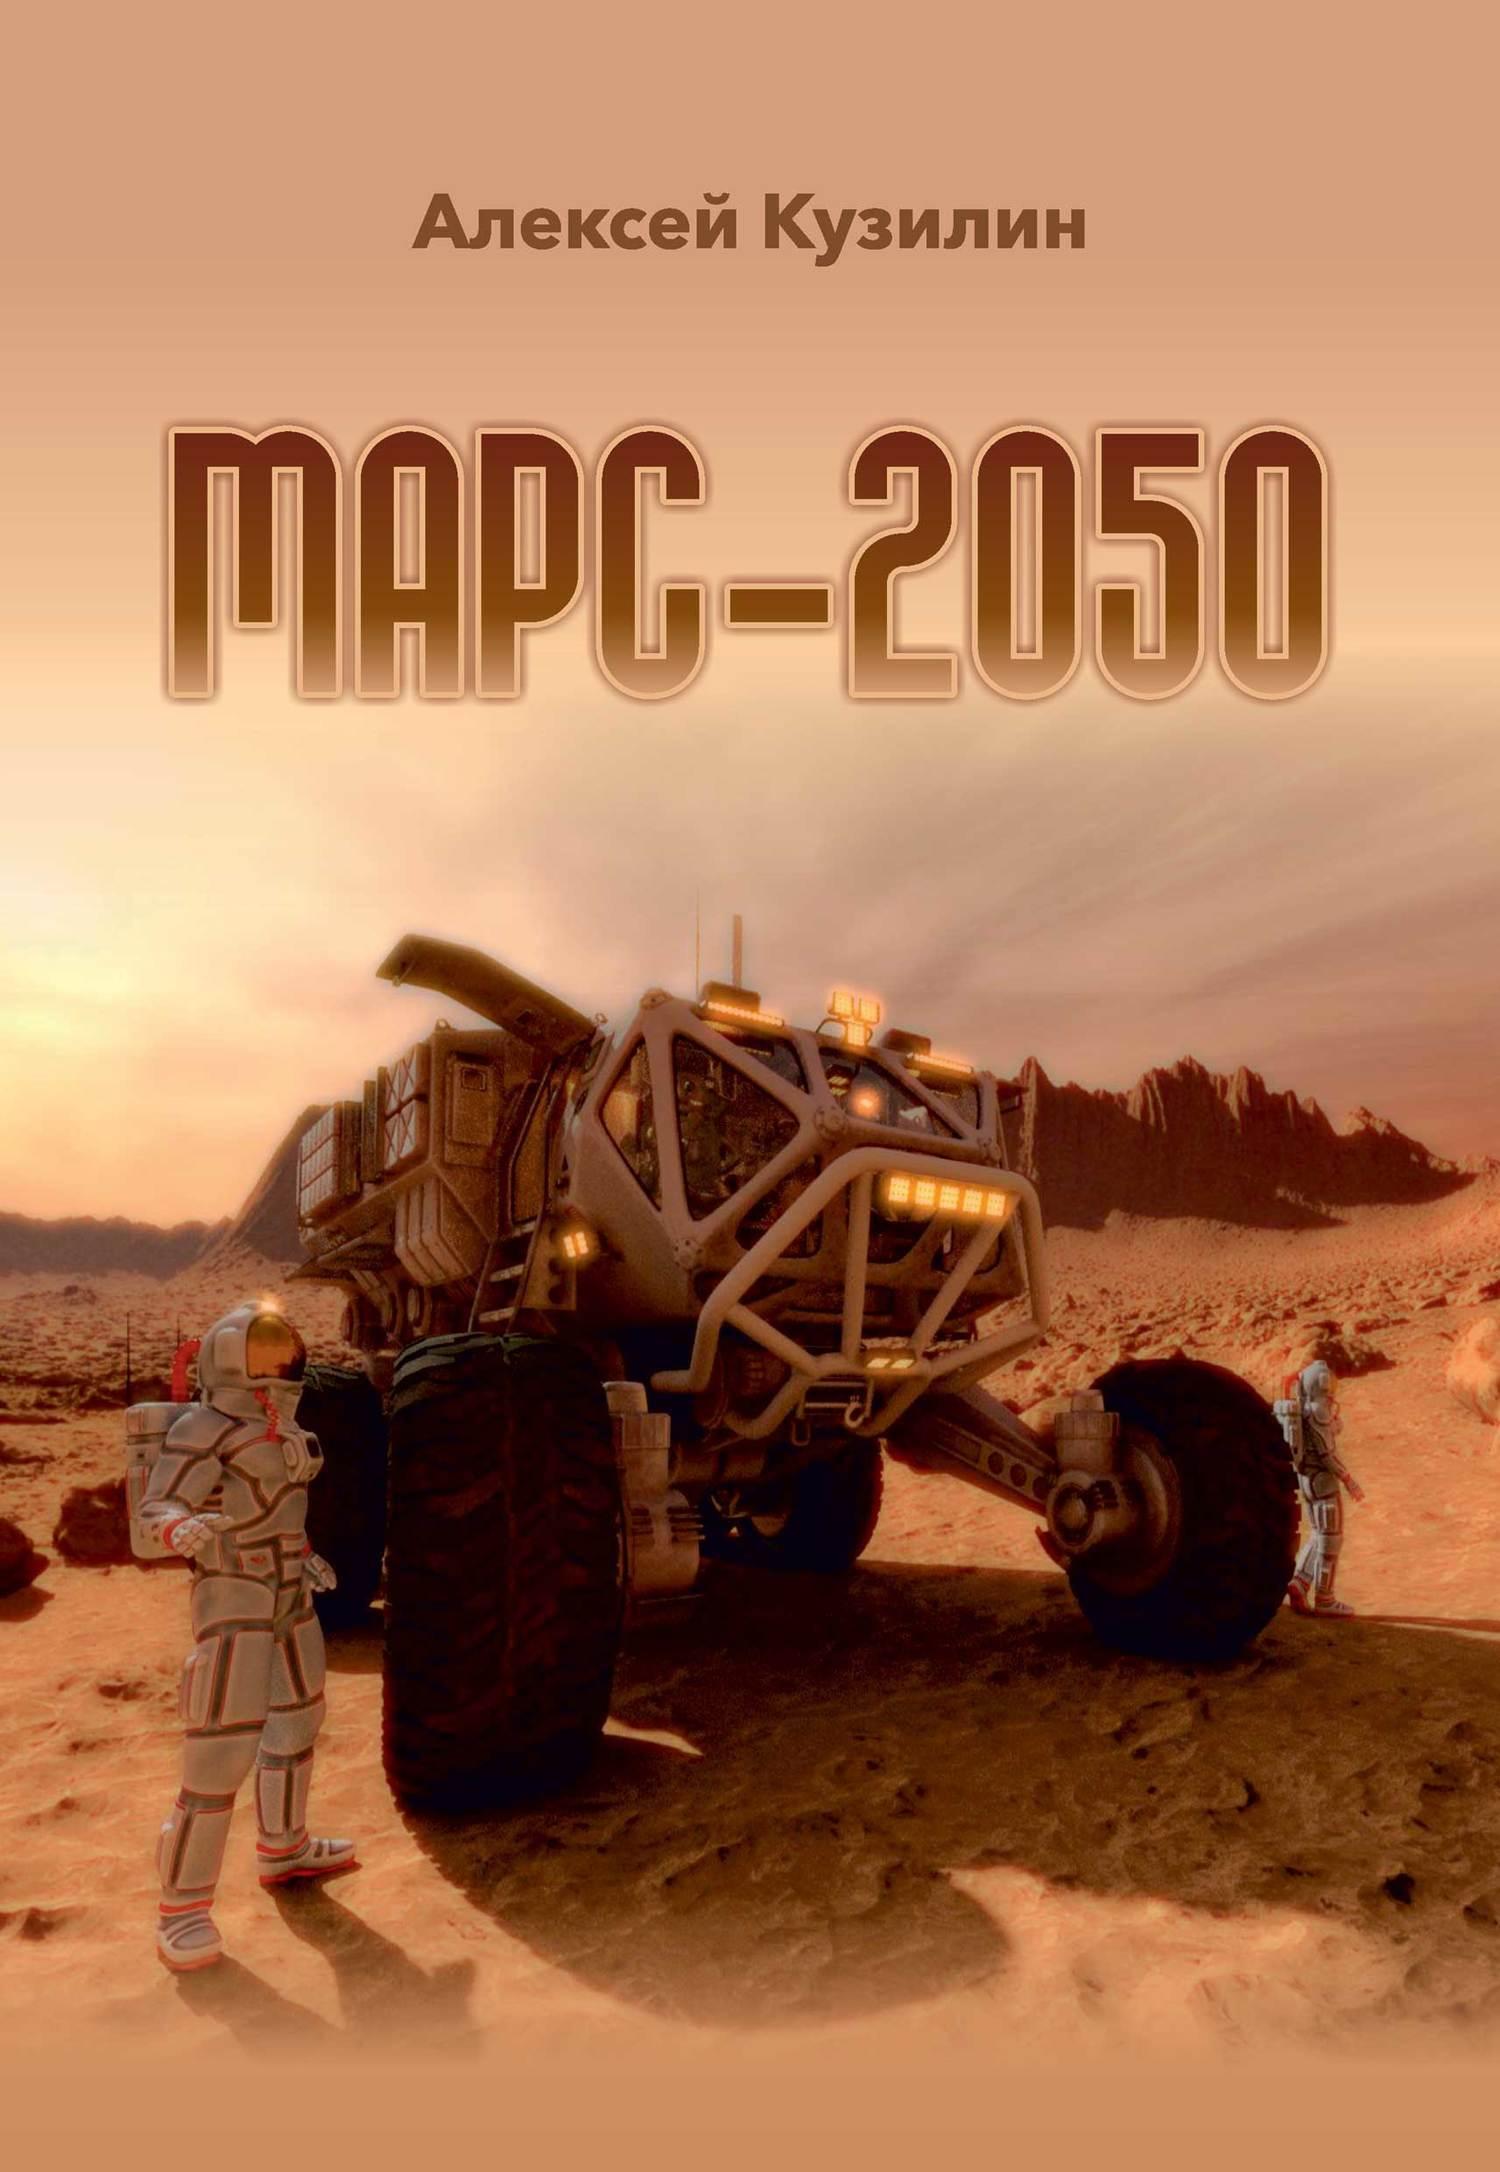 Алексей Кузилин - Марс-2050